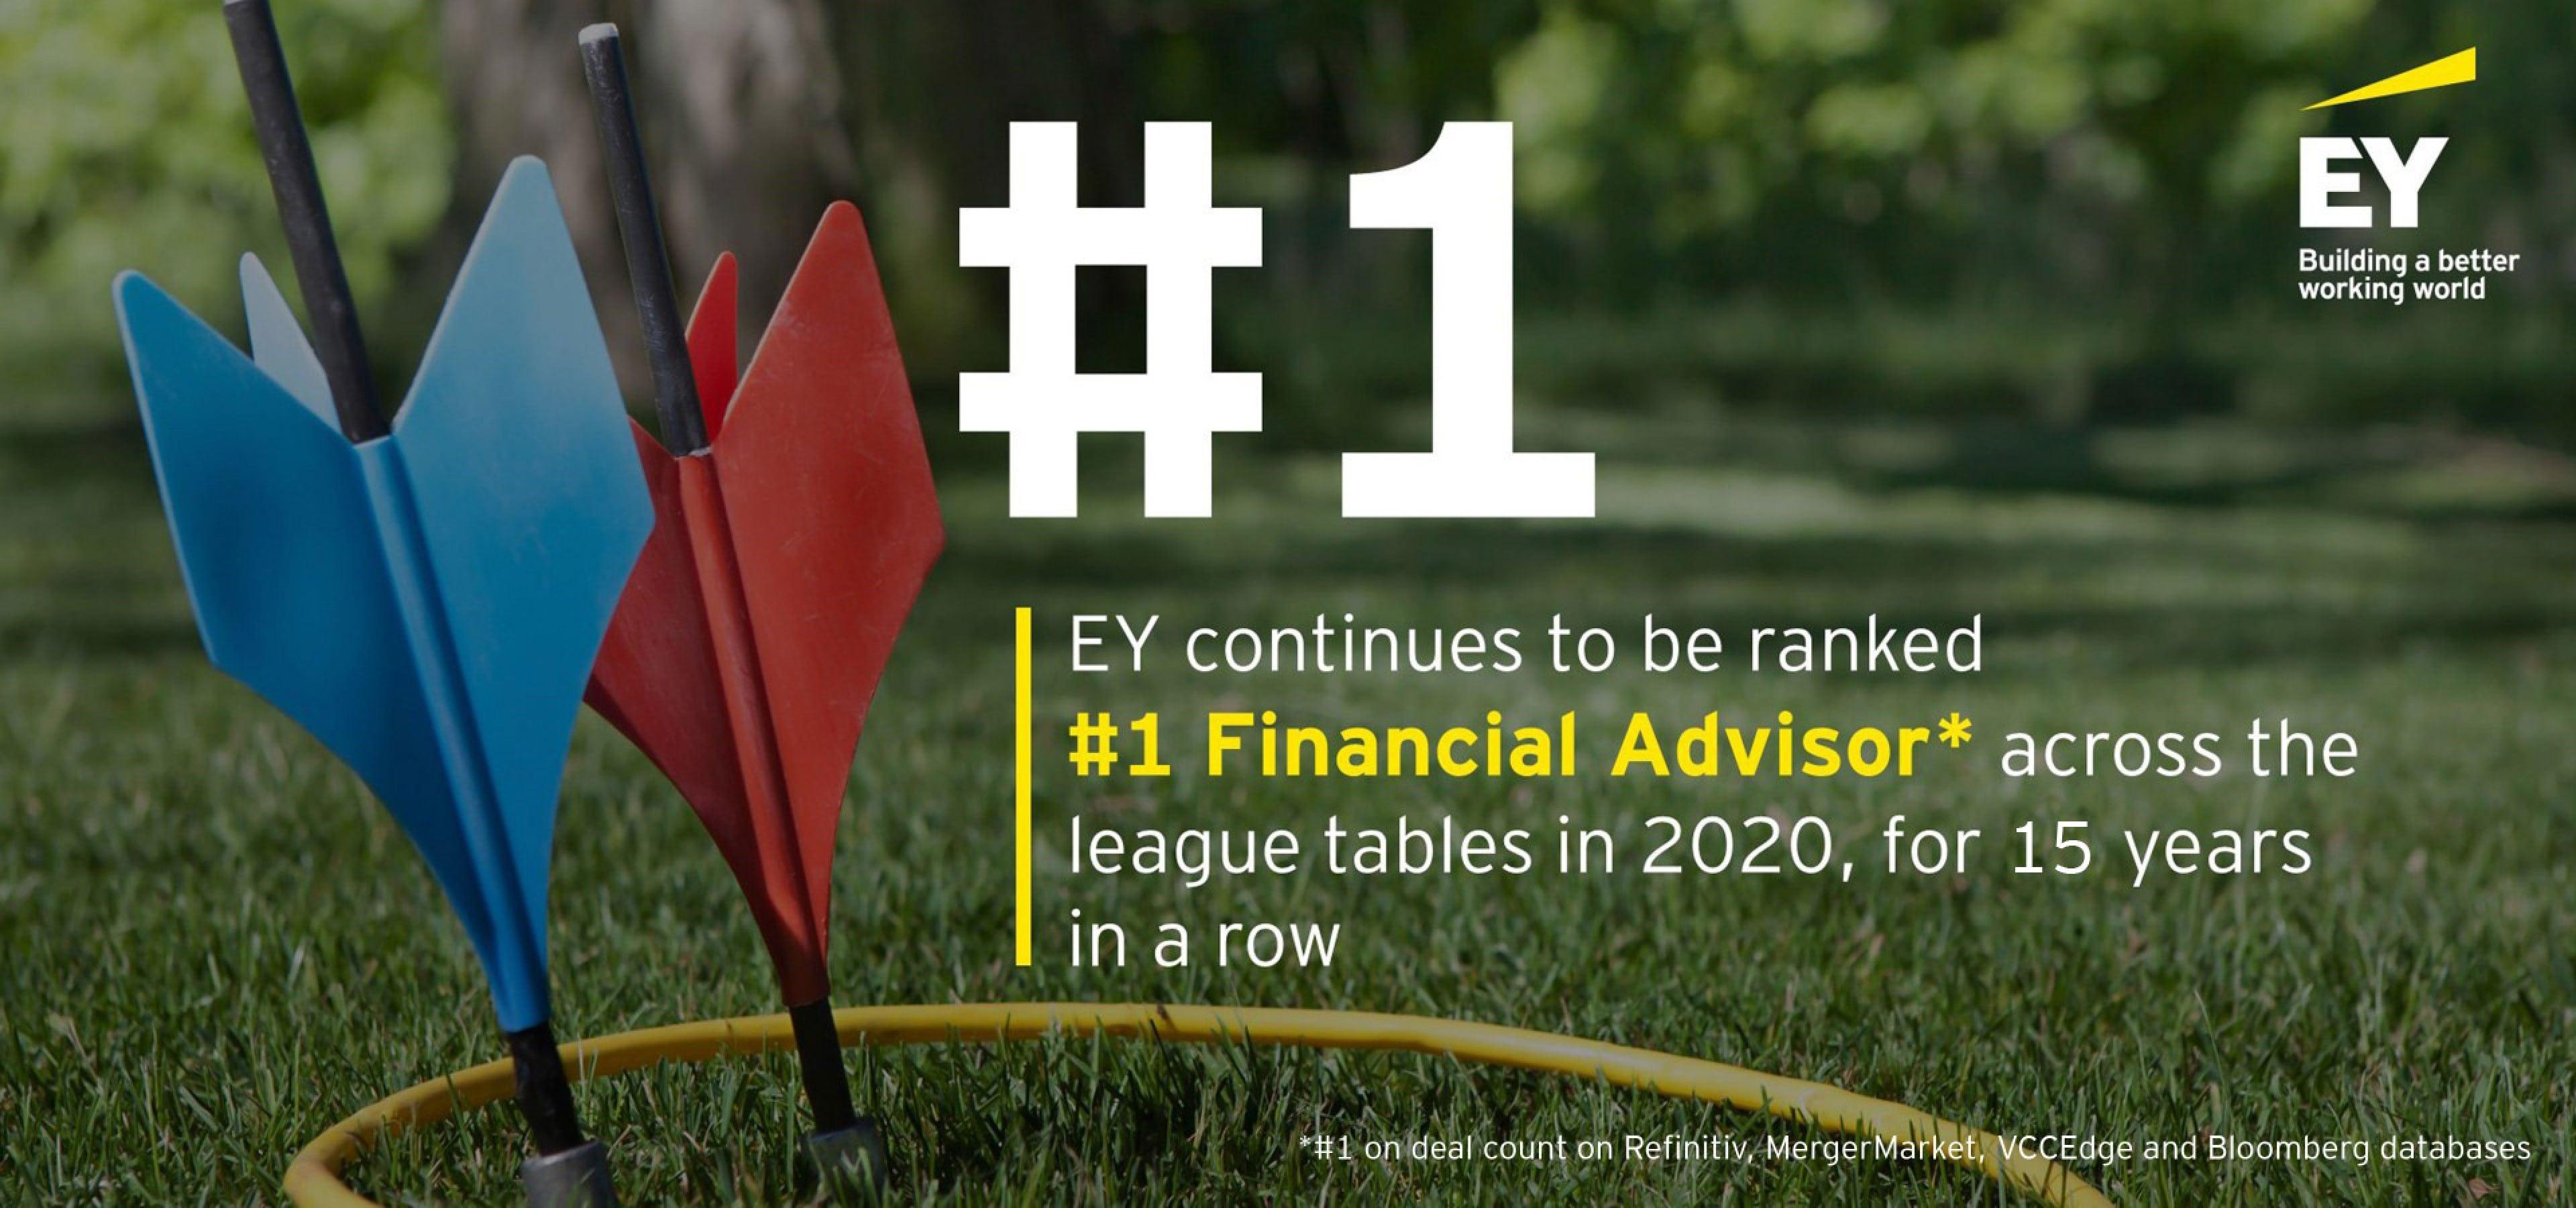 EY - #1 financial advisor across league table in 2020.